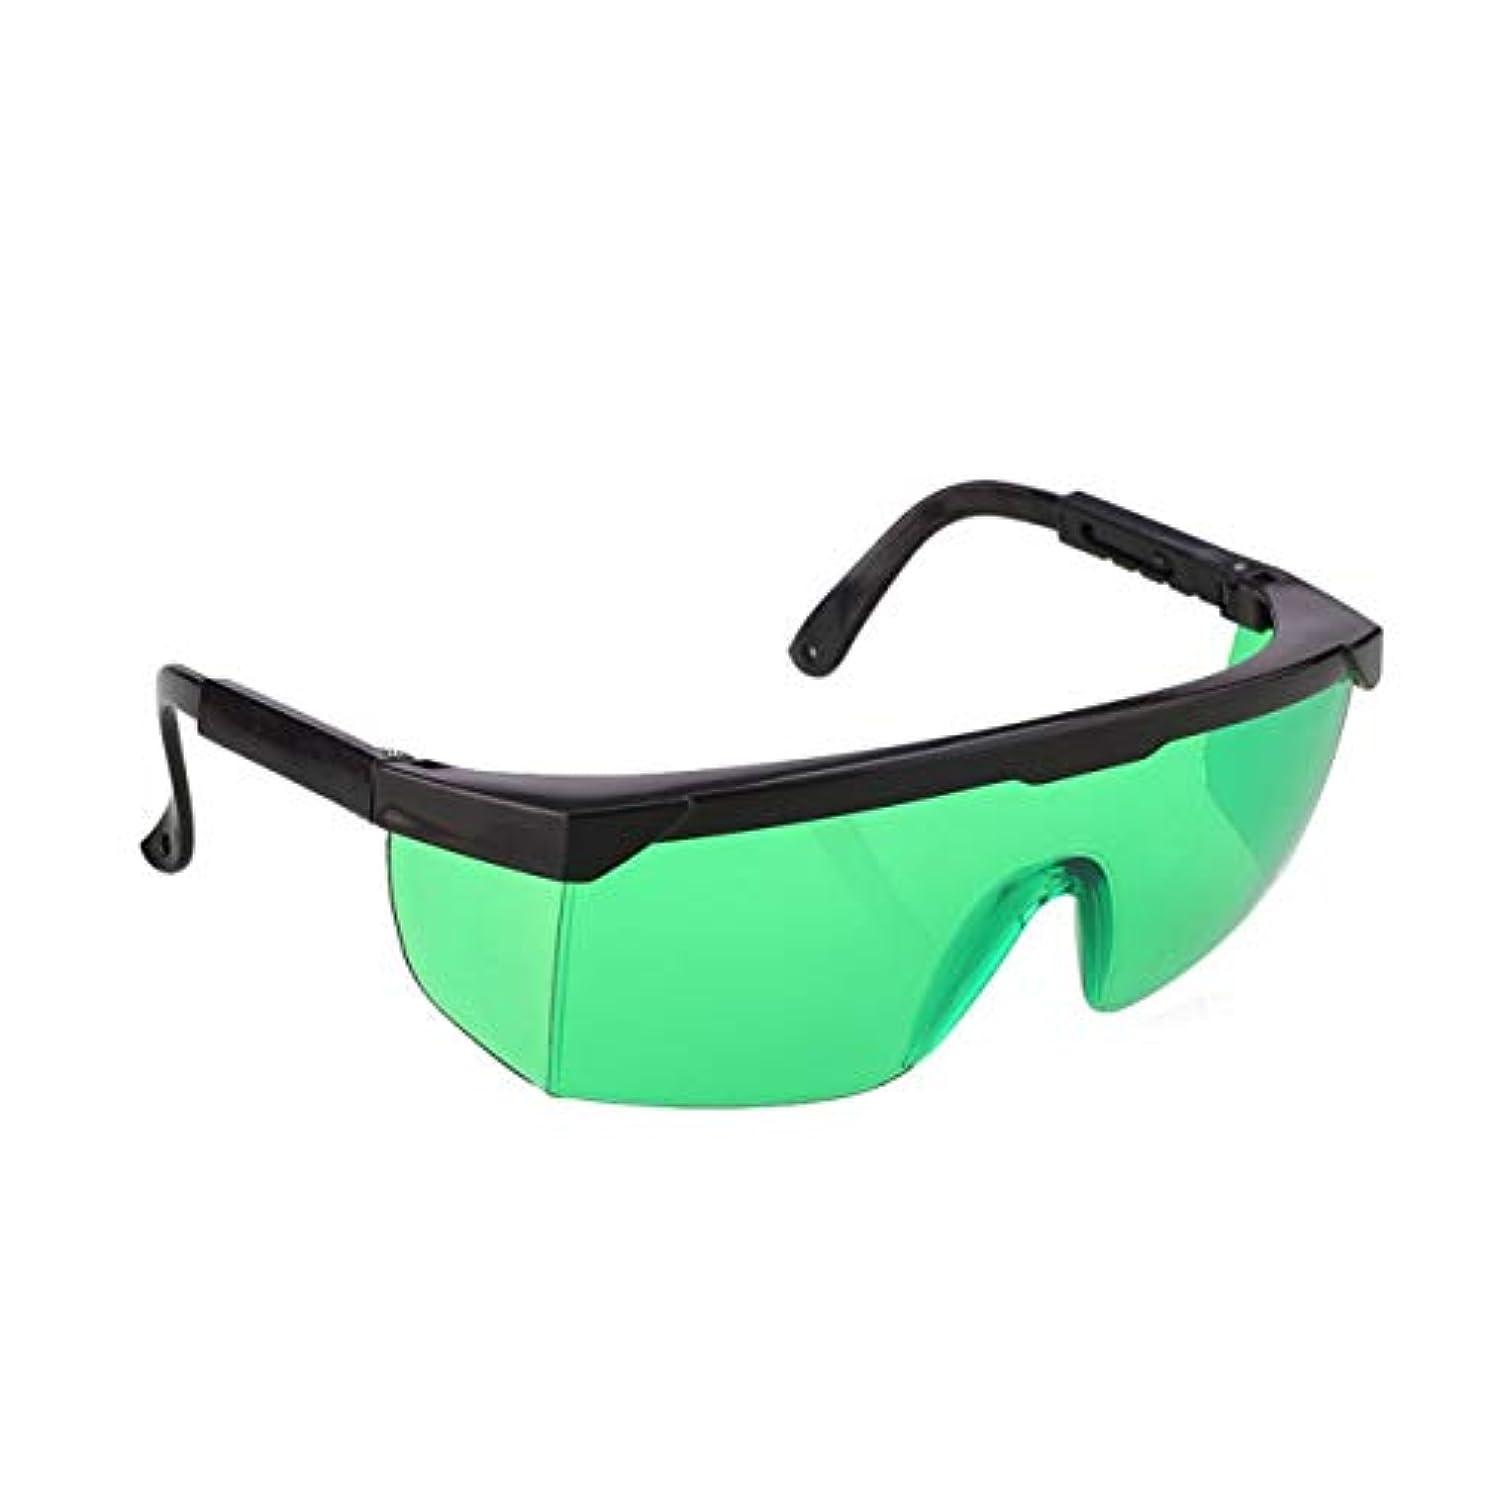 光の抜本的なスーパーマーケットSaikogoods 除毛クリーム ポイント脱毛保護メガネユニバーサルゴーグル眼鏡を凍結IPL/E-光OPTのためのレーザー保護メガネ 緑